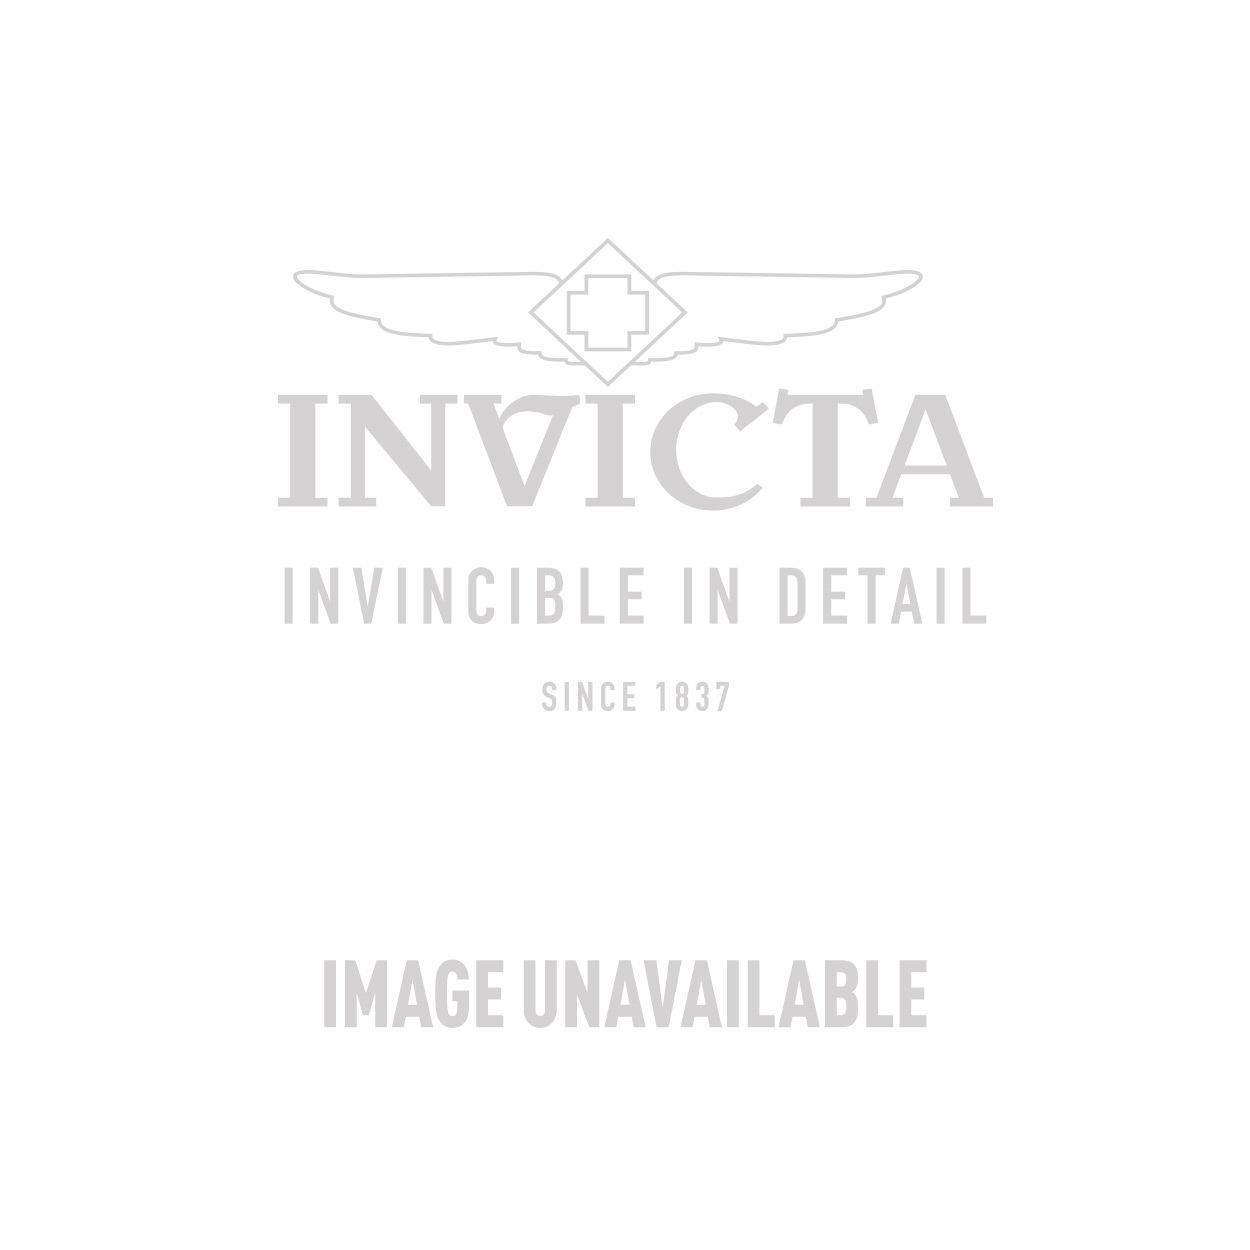 Invicta Venom Quartz Watch - Stainless Steel case Stainless Steel band -  Model 14601